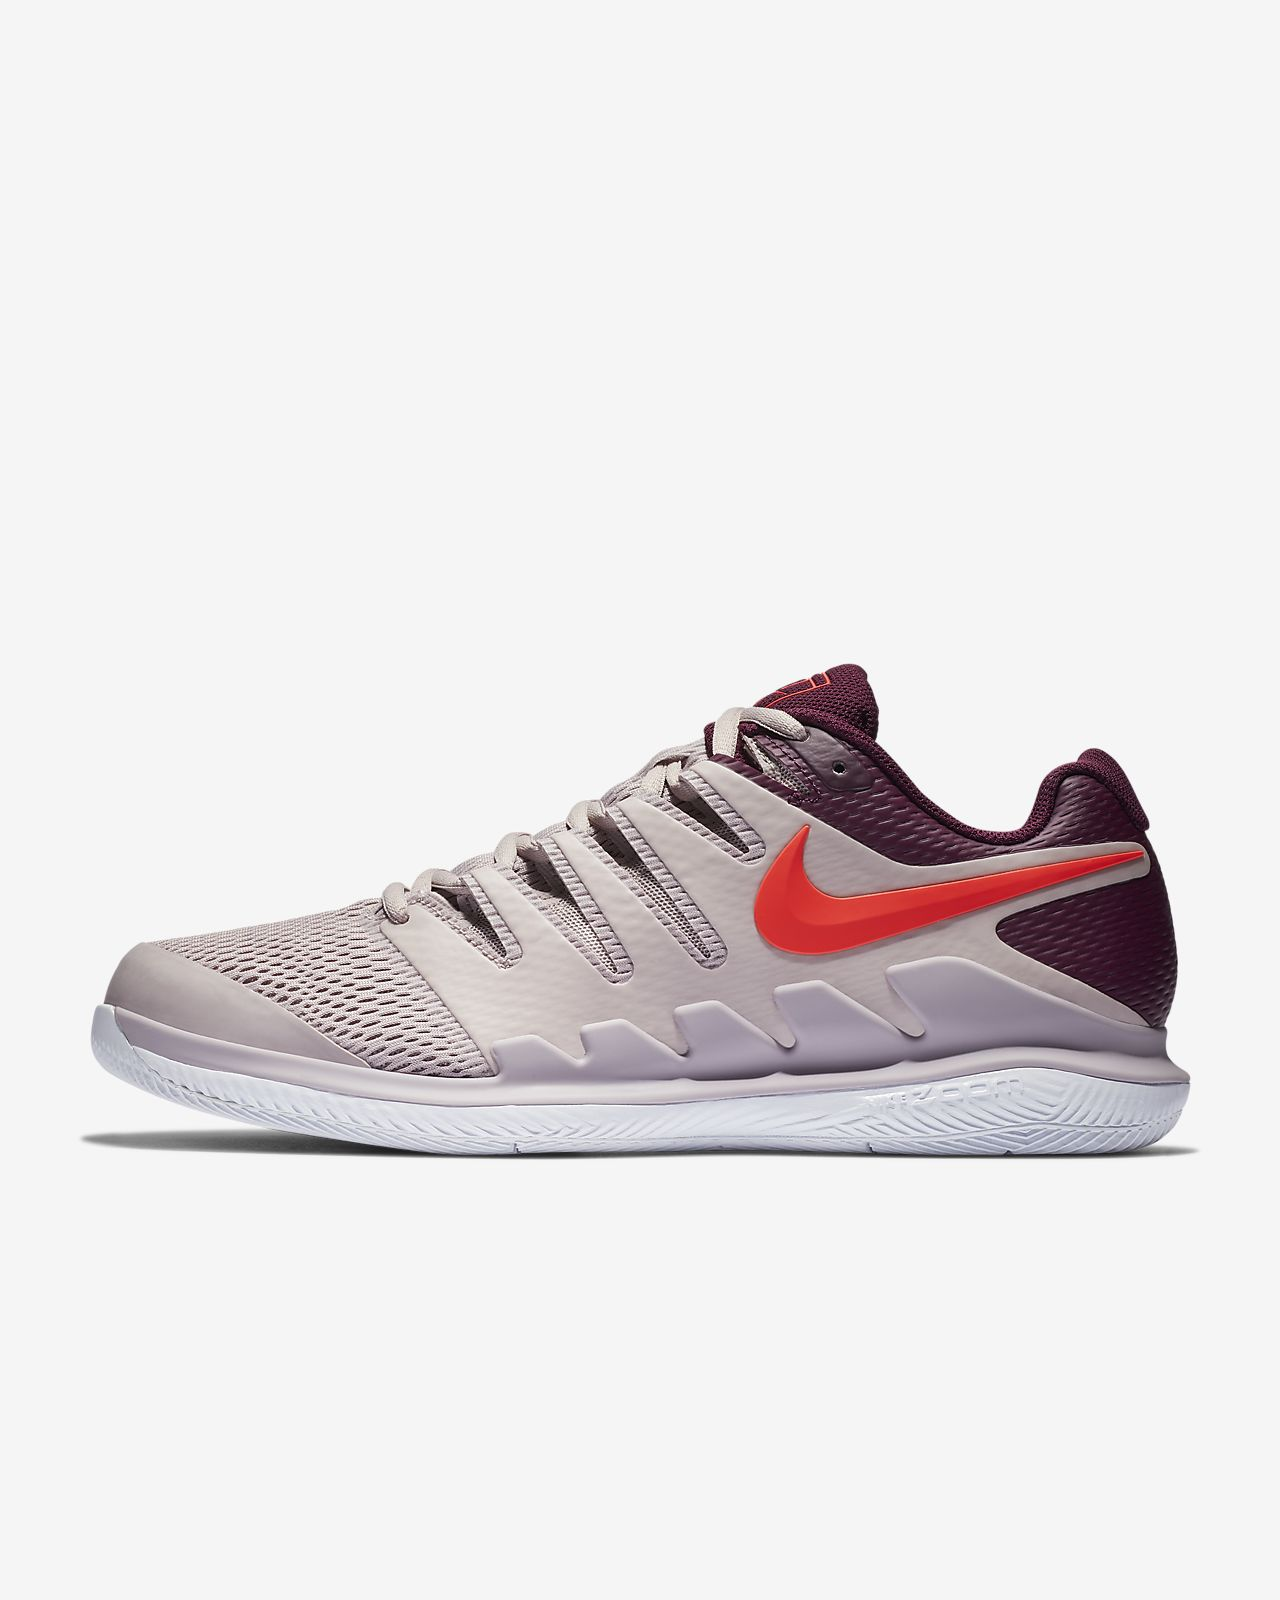 newest 9833c 0ab62 ... Chaussure de tennis pour surface dure NikeCourt Air Zoom Vapor X pour  Homme